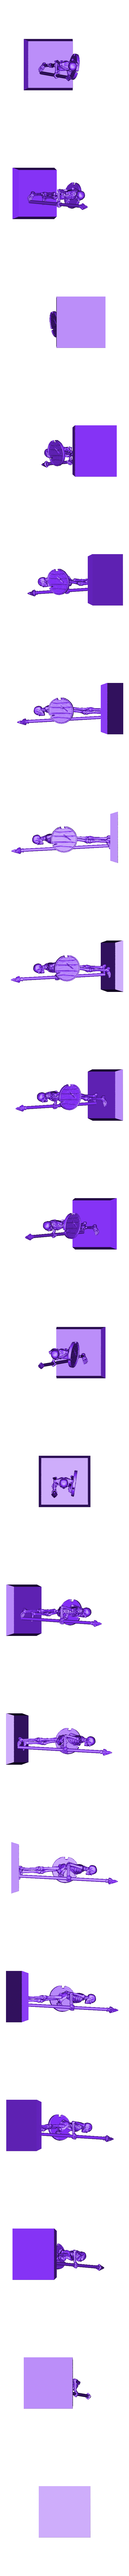 skeleton_spearman_v4.1.stl Télécharger fichier STL gratuit Skeleton Spearmen Miniatures verion #2 • Plan pour imprimante 3D, Ilhadiel